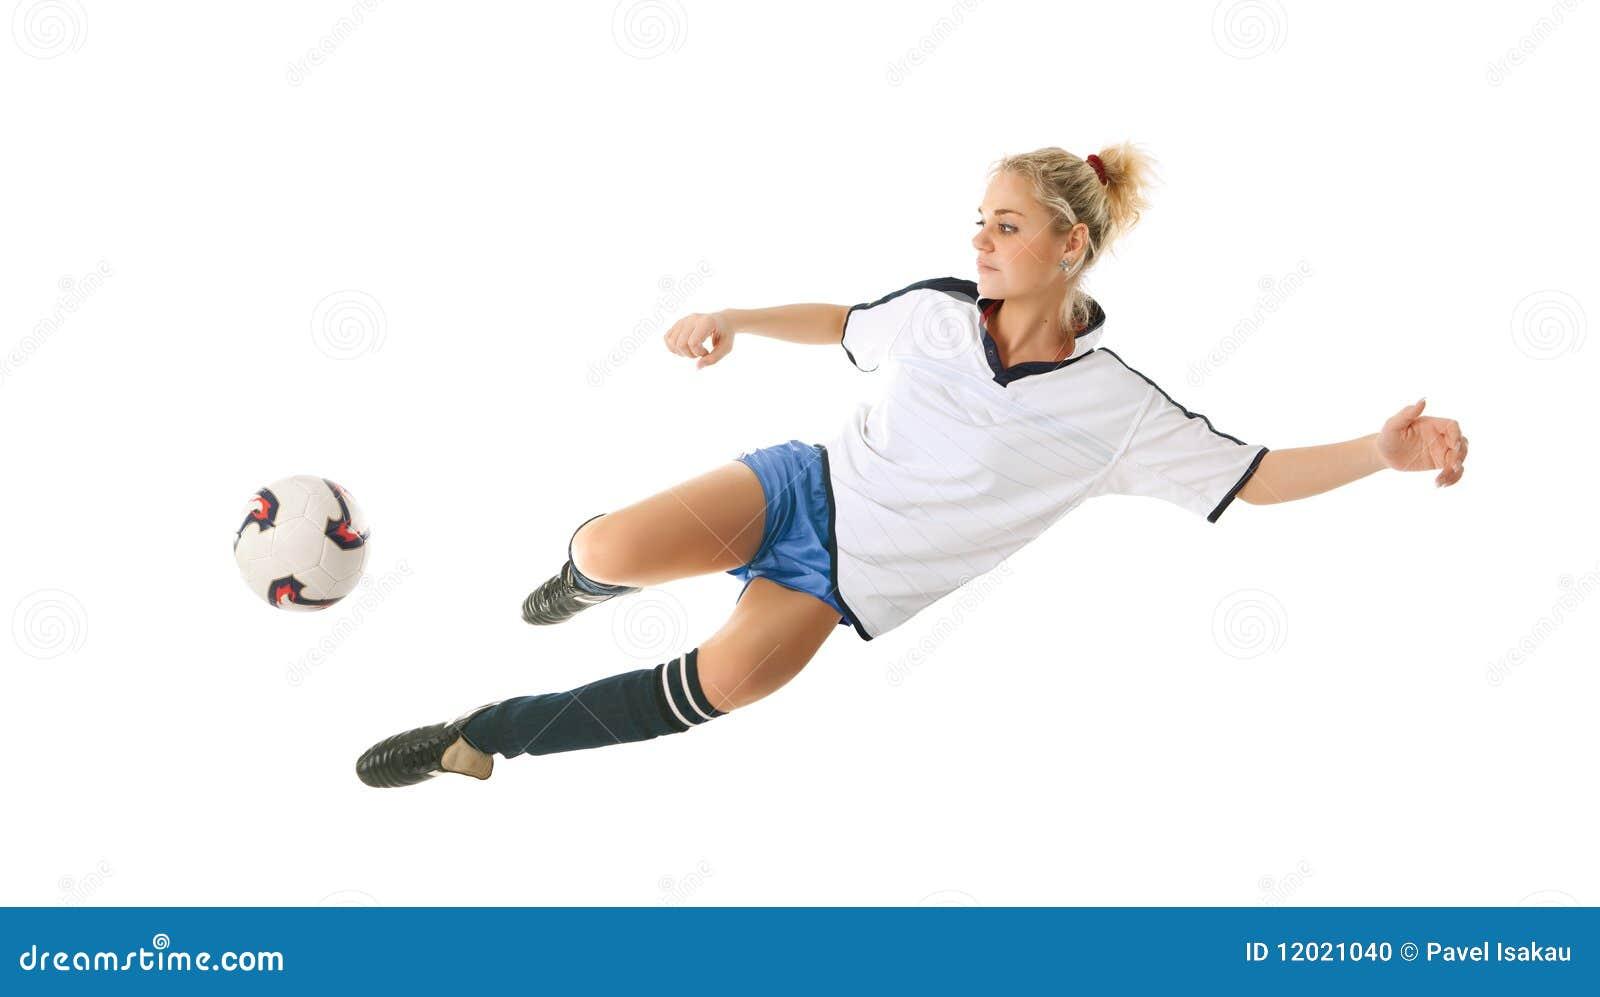 Девушка пинает мяч фото